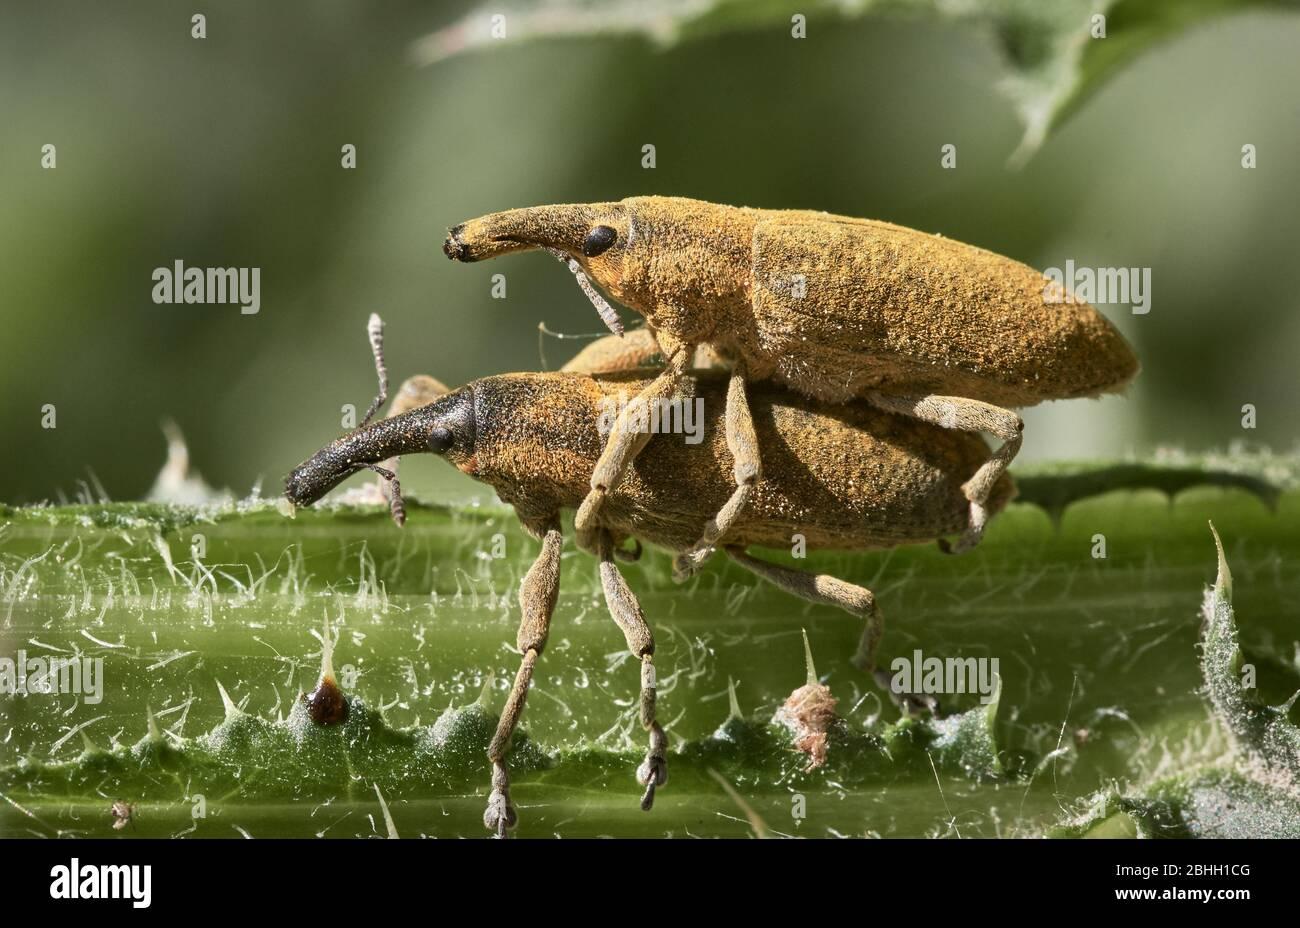 Dos largos escarabajos de hocico que se apareaban en el tallo verde en la naturaleza. Foto macro de Curculionoidea amarilla Foto de stock